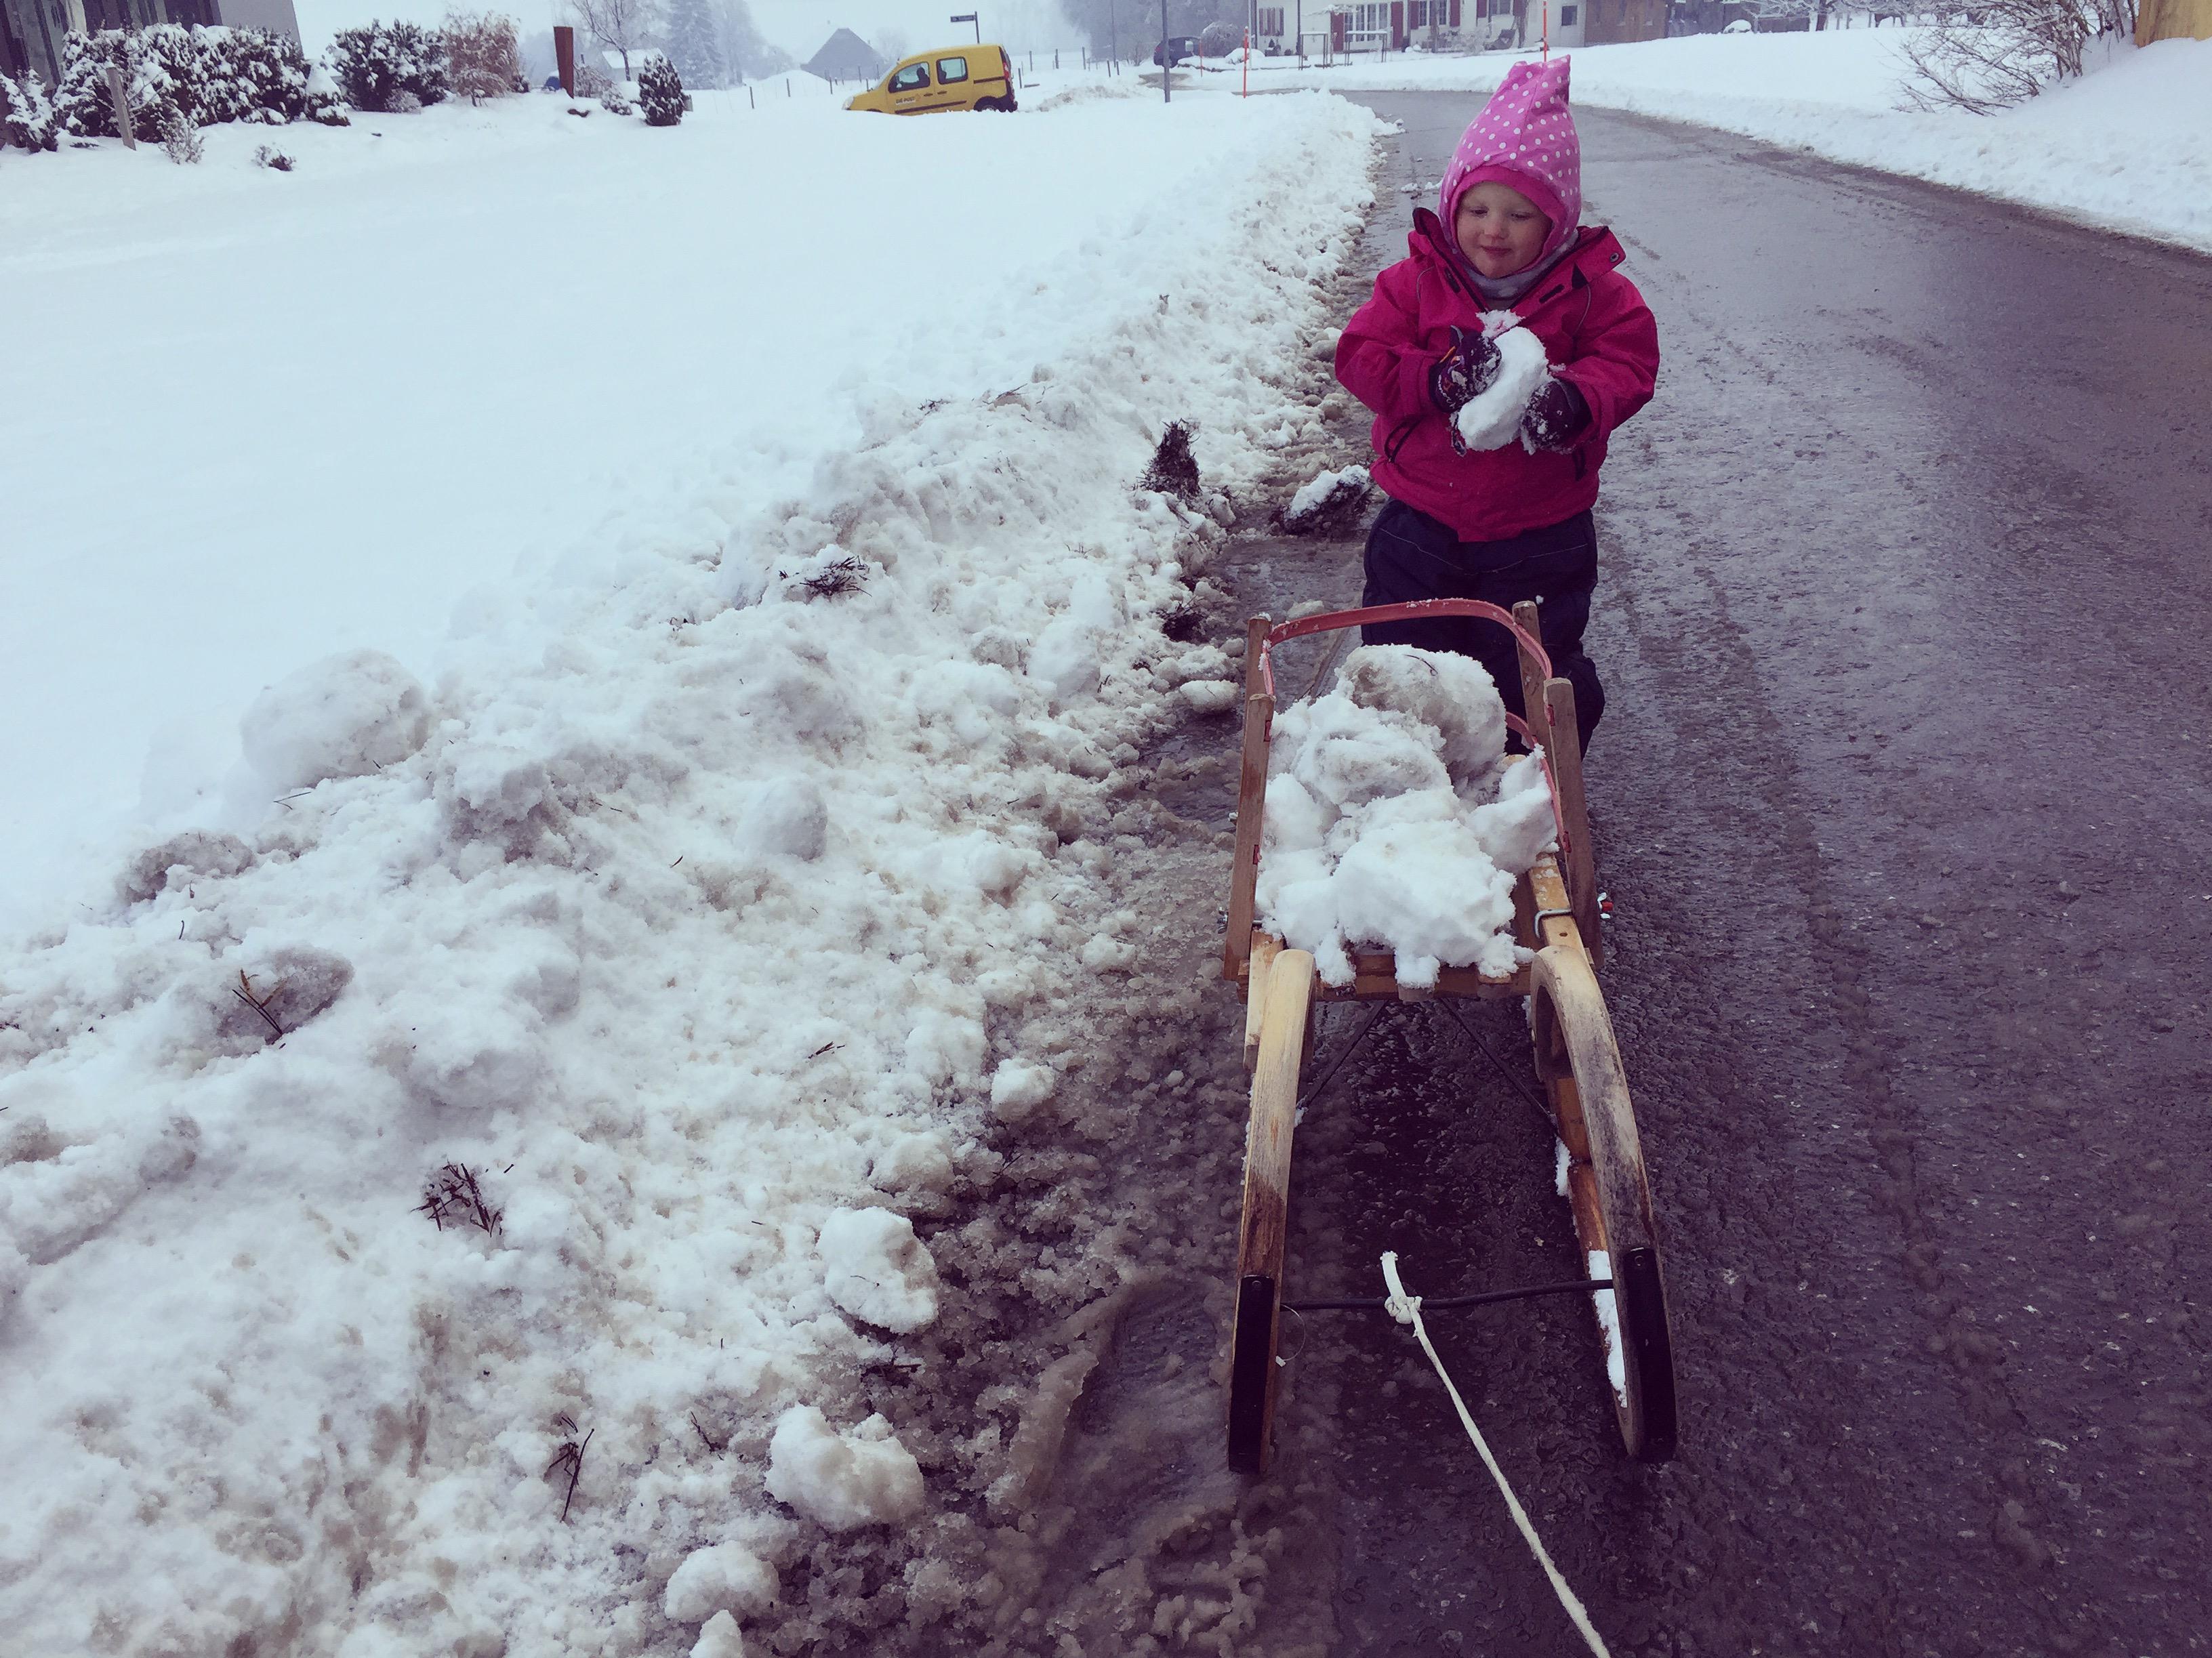 Daarna naar huis en in plaats van in de slee, zocht ze sneeuwballen op en gingen die de slee in.